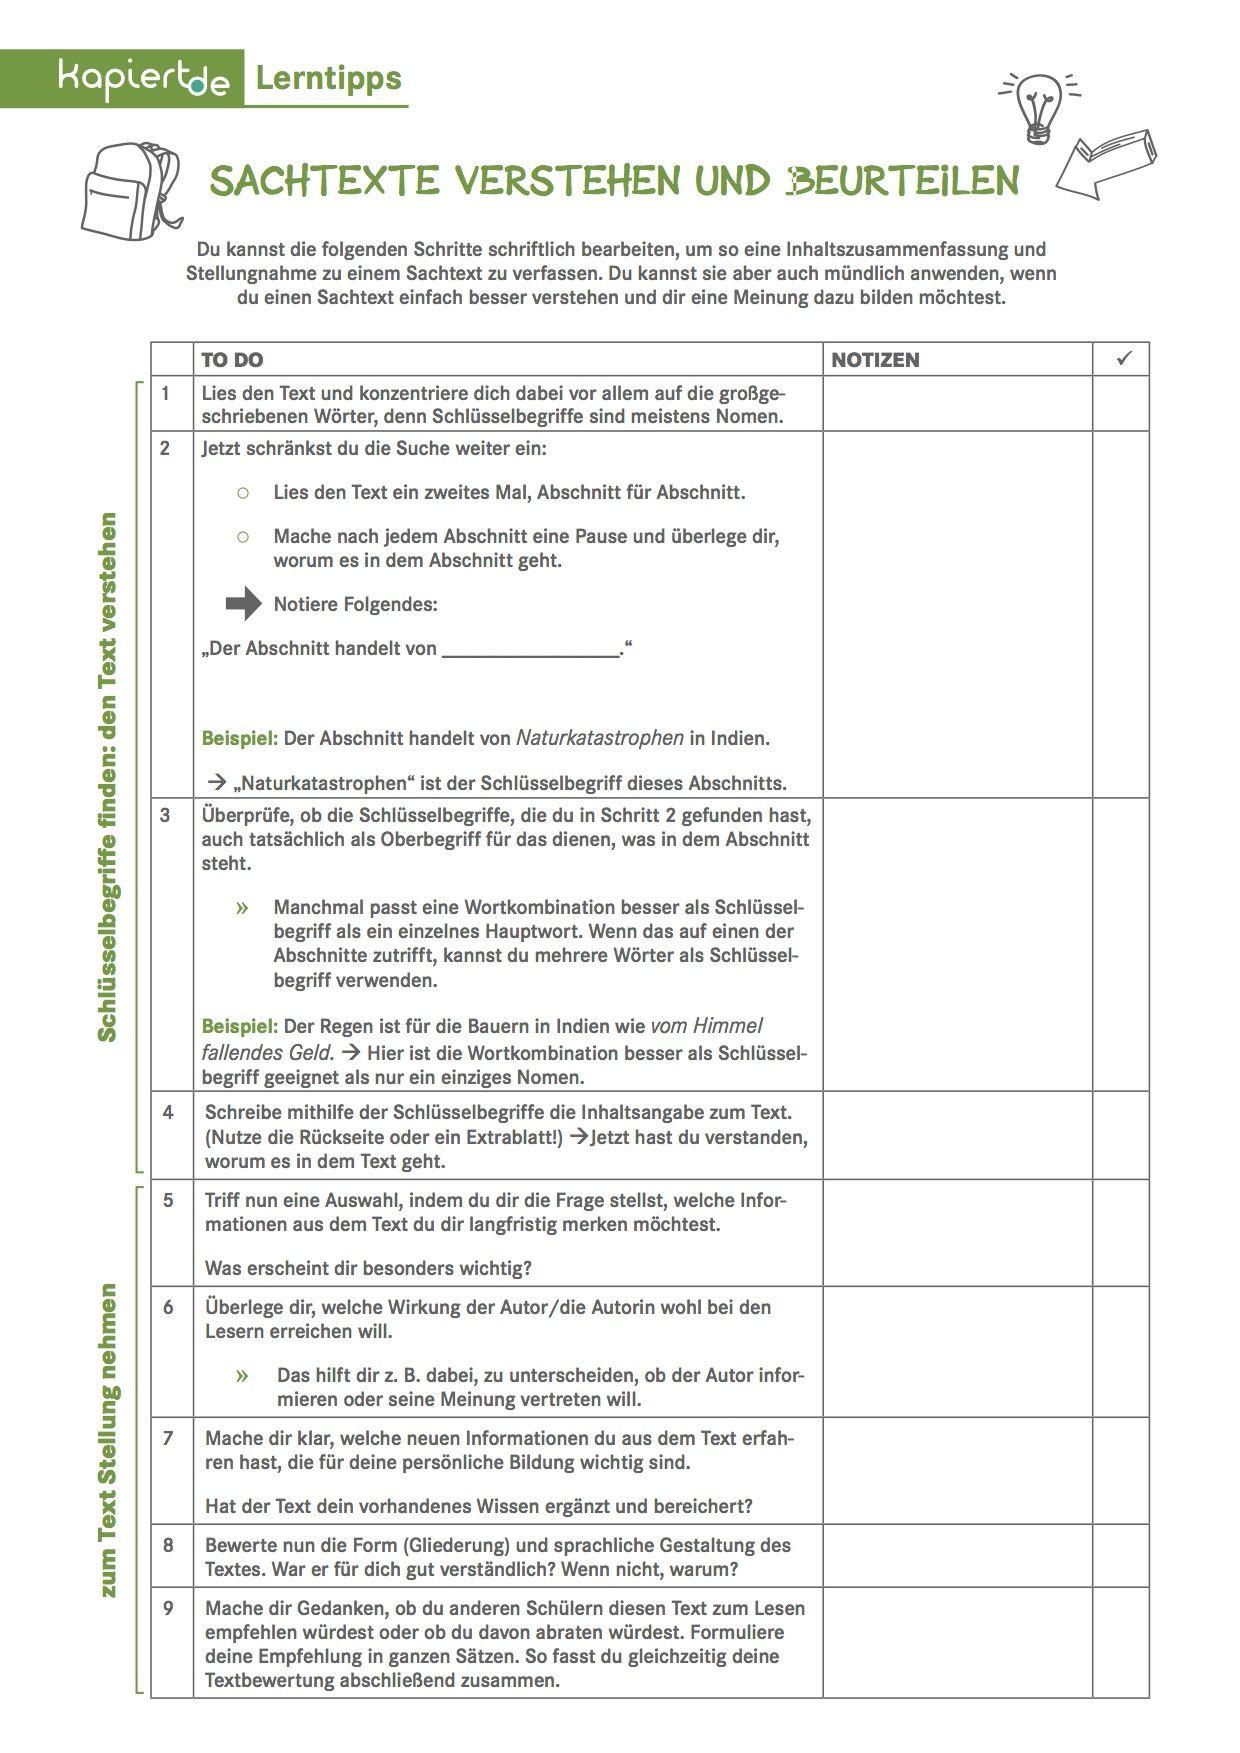 Checkliste Sachtexte Verstehen Und Beurteilen Lernen Sachtext Schreiben Lernen Organisieren